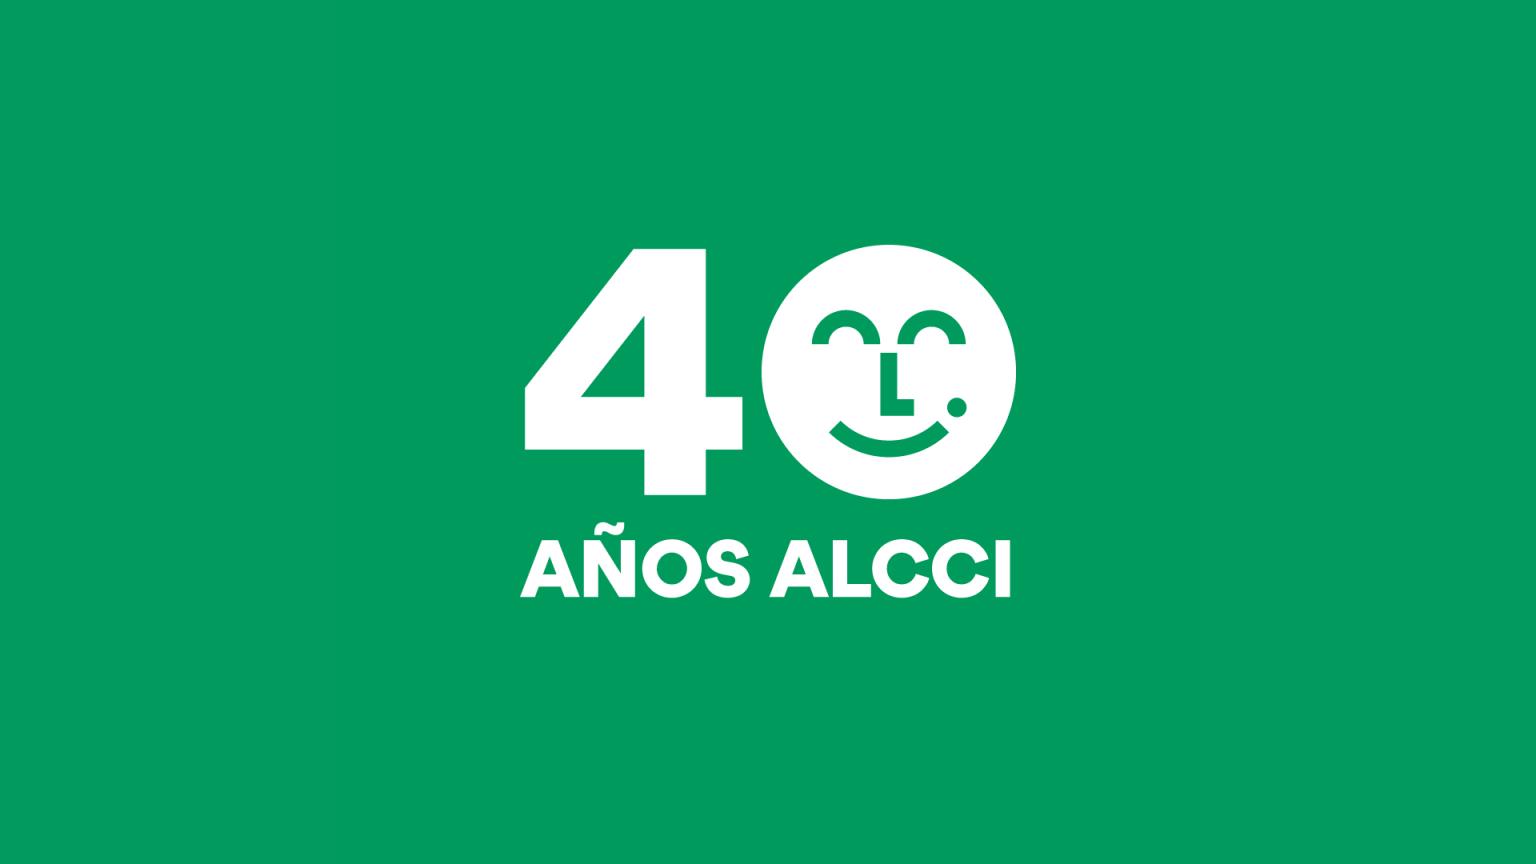 ALCCI cumple 40 años de aniversario